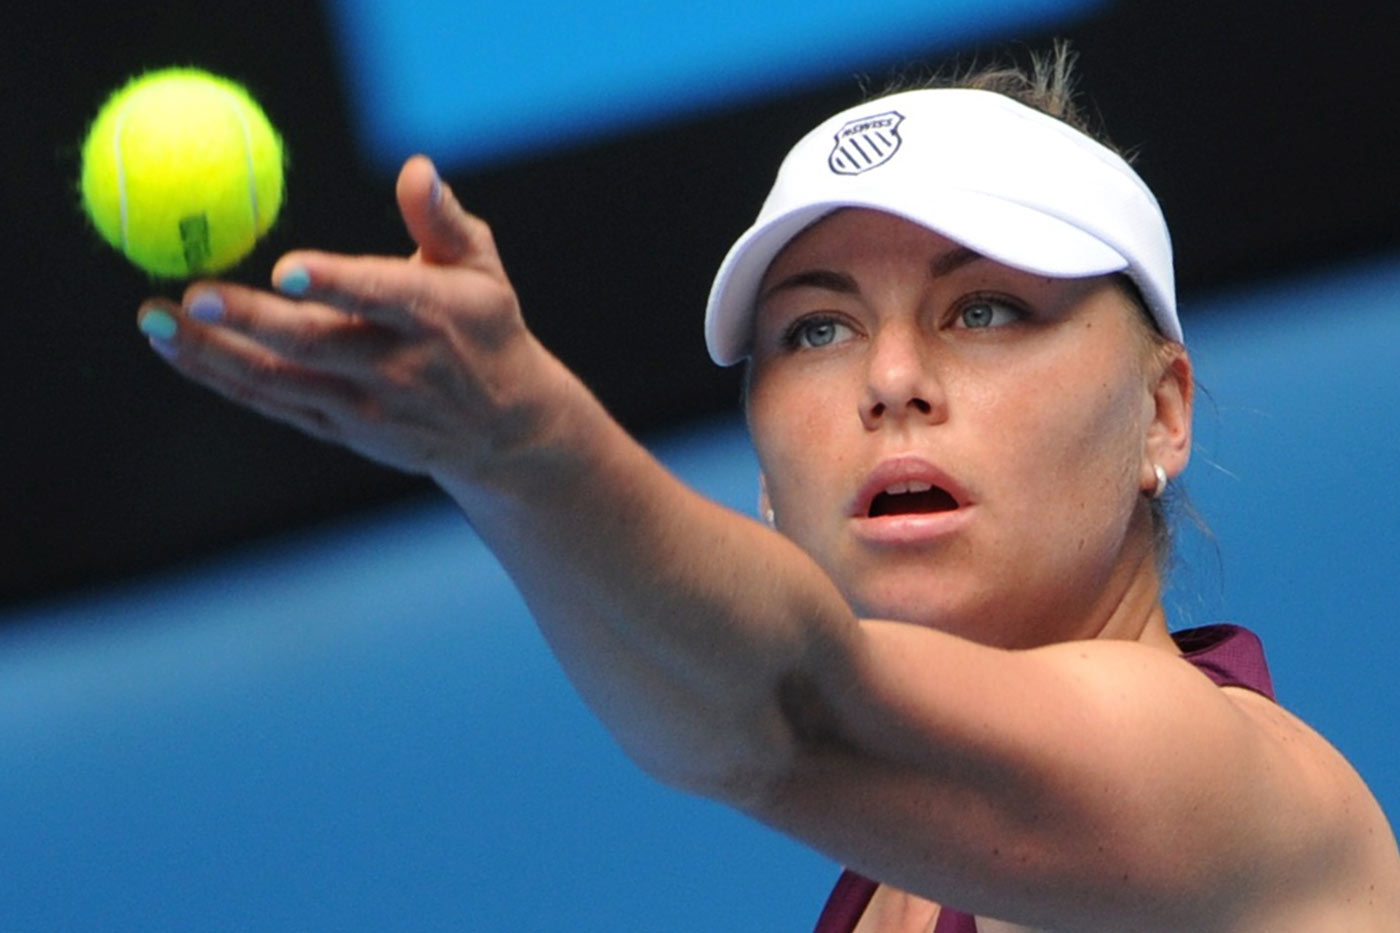 Украинская теннисистка вышла в полуфинал парного турнира в Стэнфорде